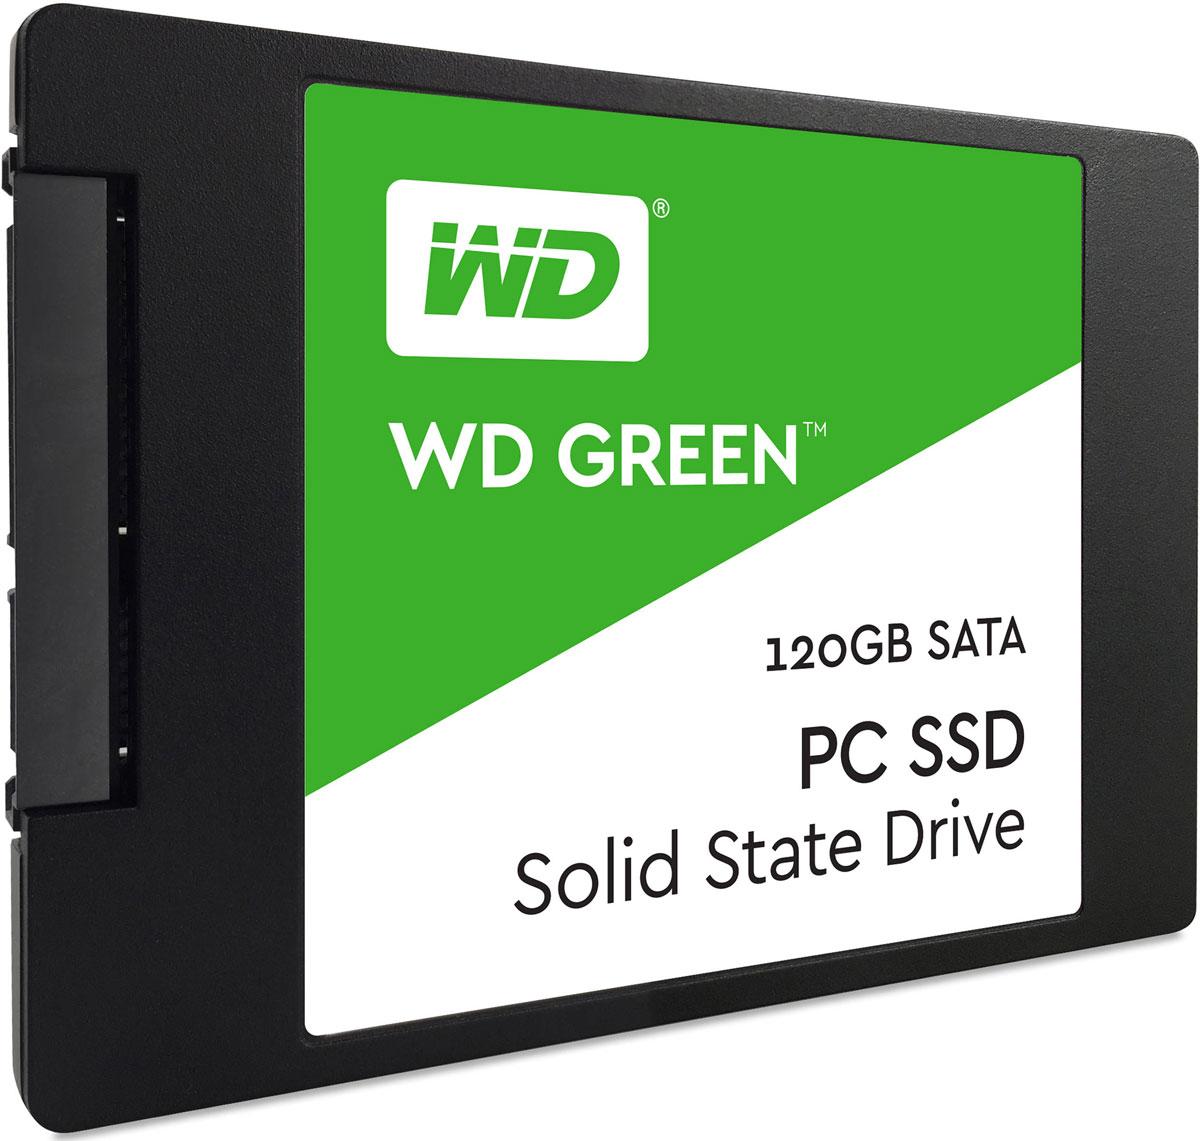 WD Green 120GB SSD-накопитель (WDS120G1G0A)WDS120G1G0AБлагодаря высокому быстродействию и надежности твердотельных накопителей WD Green повседневные задачи на ноутбуках и настольных ПК выполняются значительно быстрее. Благодаря высокому быстродействию за счет использования в WD Green твердотельного SATA-накопителя просмотр веб-страниц, игры или просто запуск системы будут происходить в мгновение ока. Легкие и ударостойкие твердотельные накопители WD Green не содержат подвижных частей, благодаря чему данным не страшны случайные удары или падения накопителя. Твердотельные накопители WD Green — одни из самых экономных накопителей в отрасли. Благодаря низкому потреблению энергии ноутбук сможет проработать дольше. Доступная для скачивания панель мониторинга SSD-накопителей WD предоставляет набор инструментов, с помощью которых можно в любой момент проверить доступную емкость, работоспособность, температуру, атрибуты SMART и другие параметры своего твердотельного накопителя. На каждый...